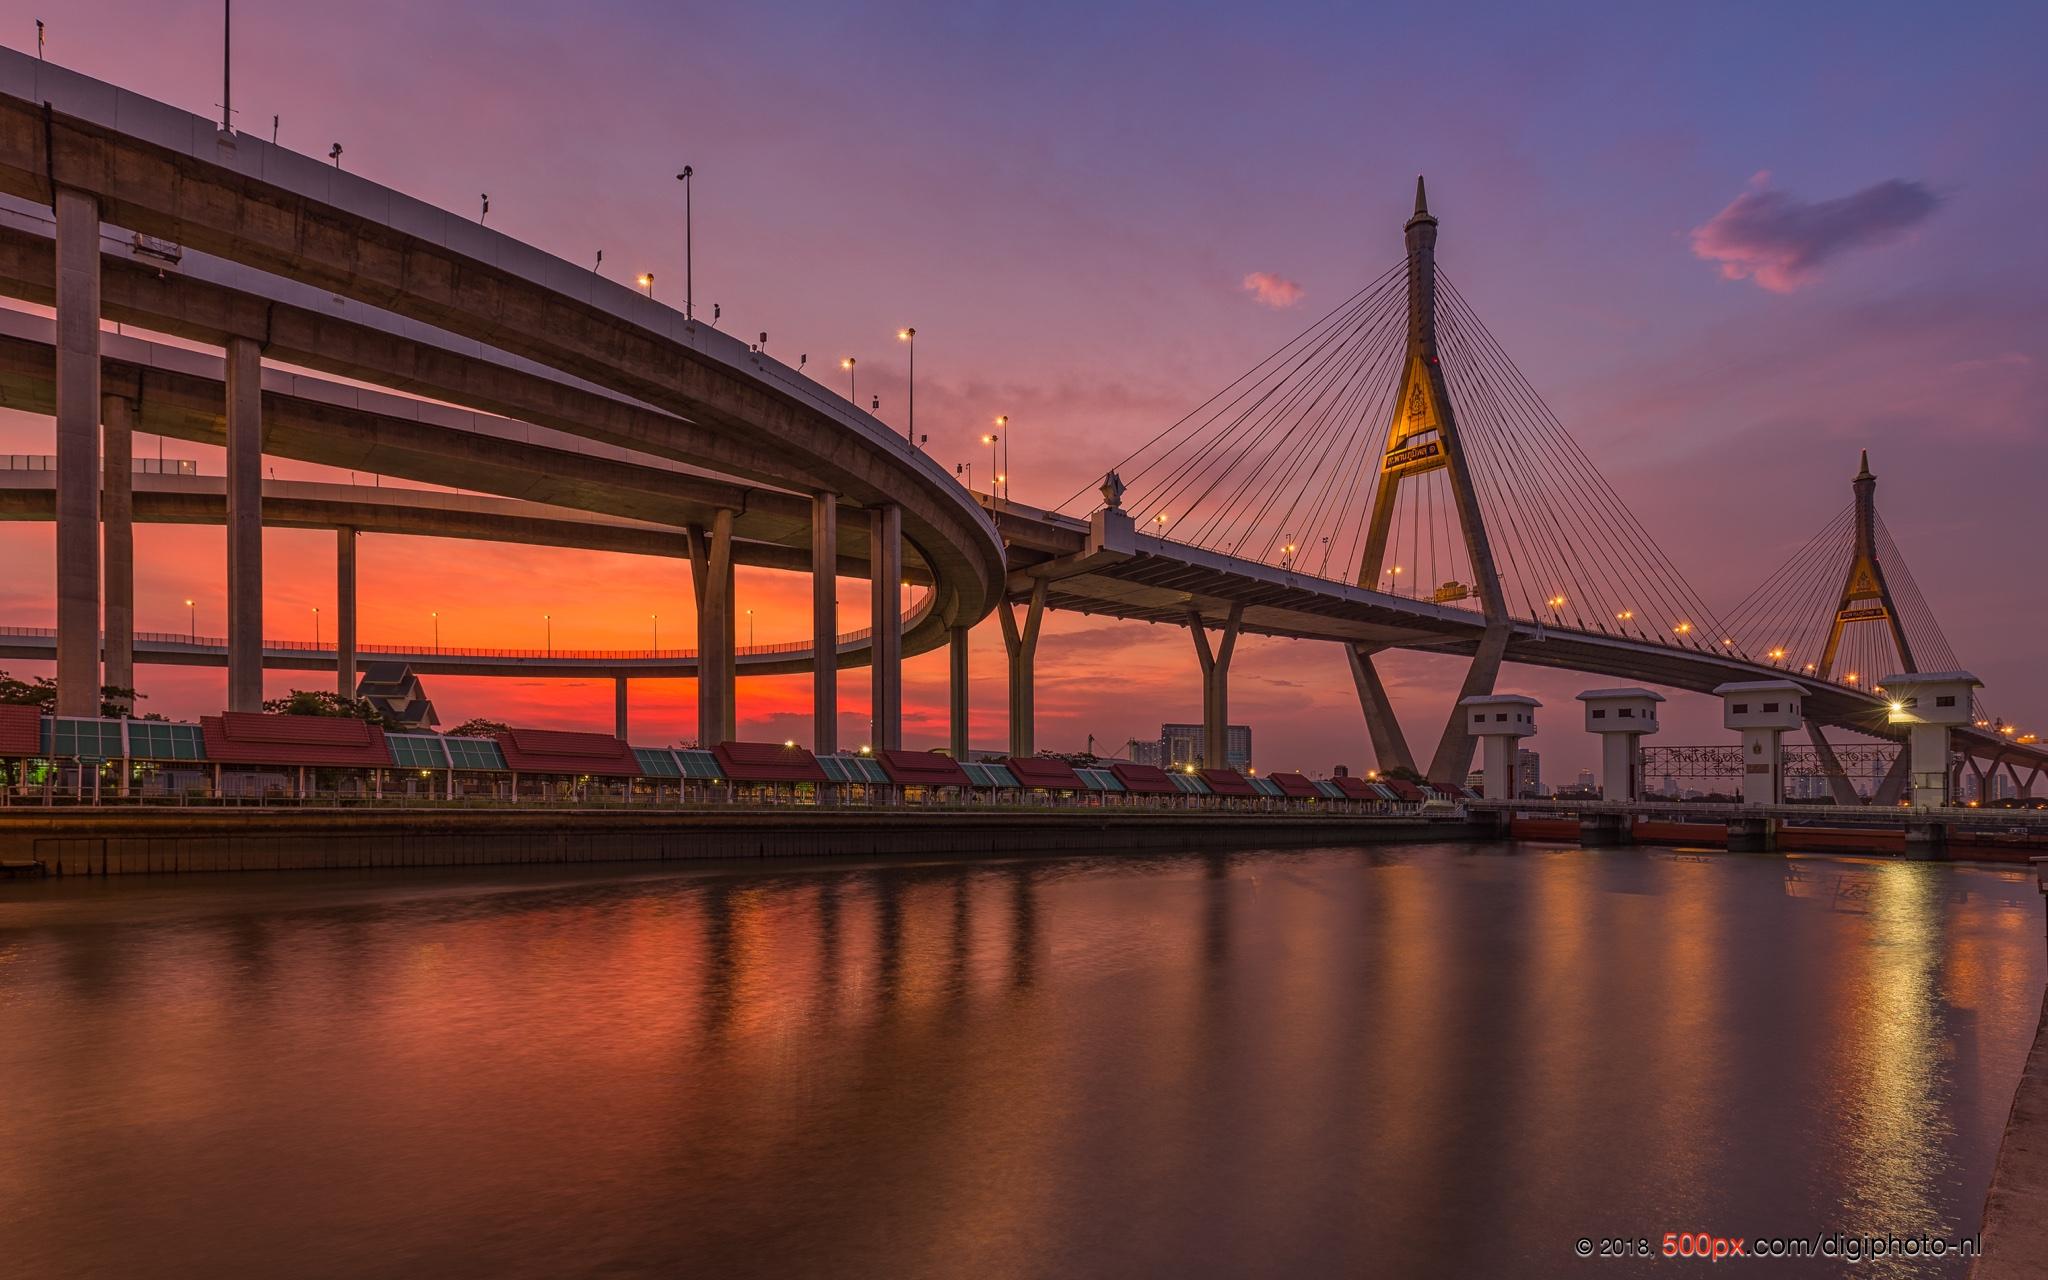 Bhumibol Bridge, Thailand